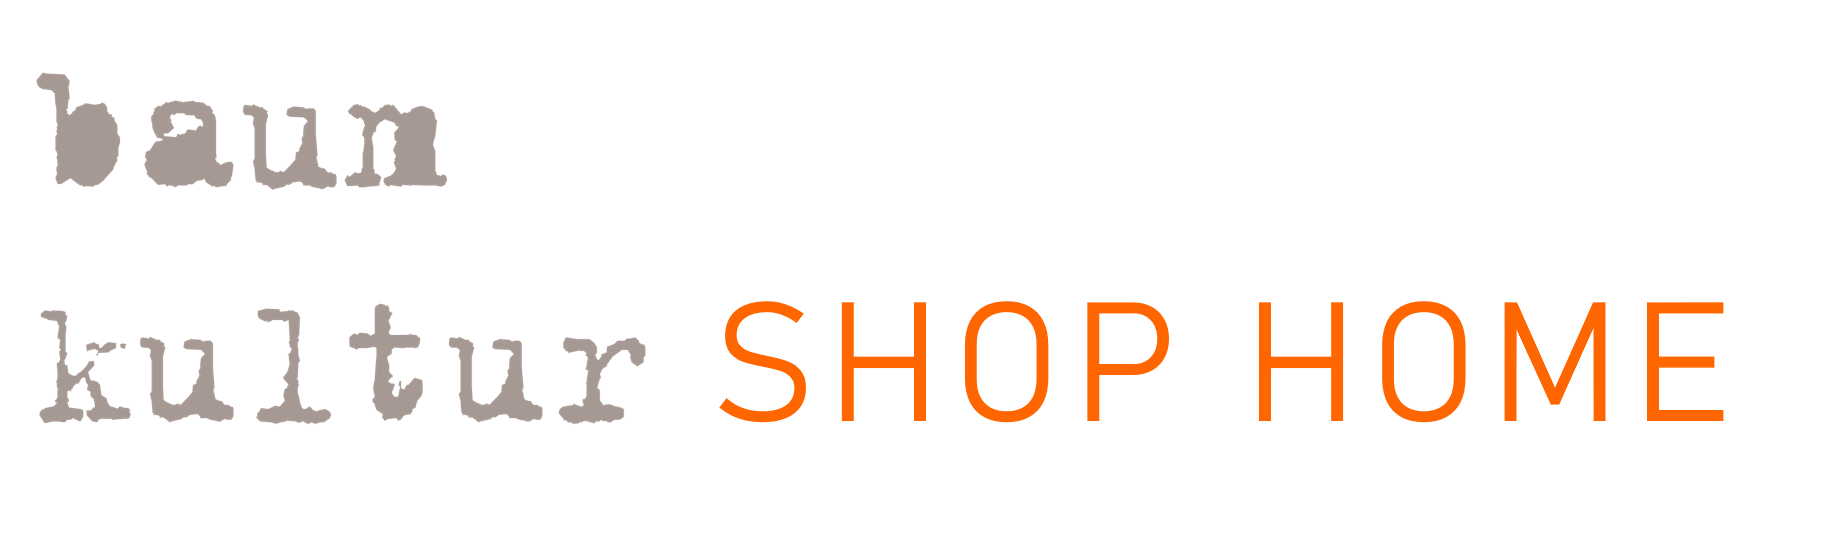 Baumkultur Shop